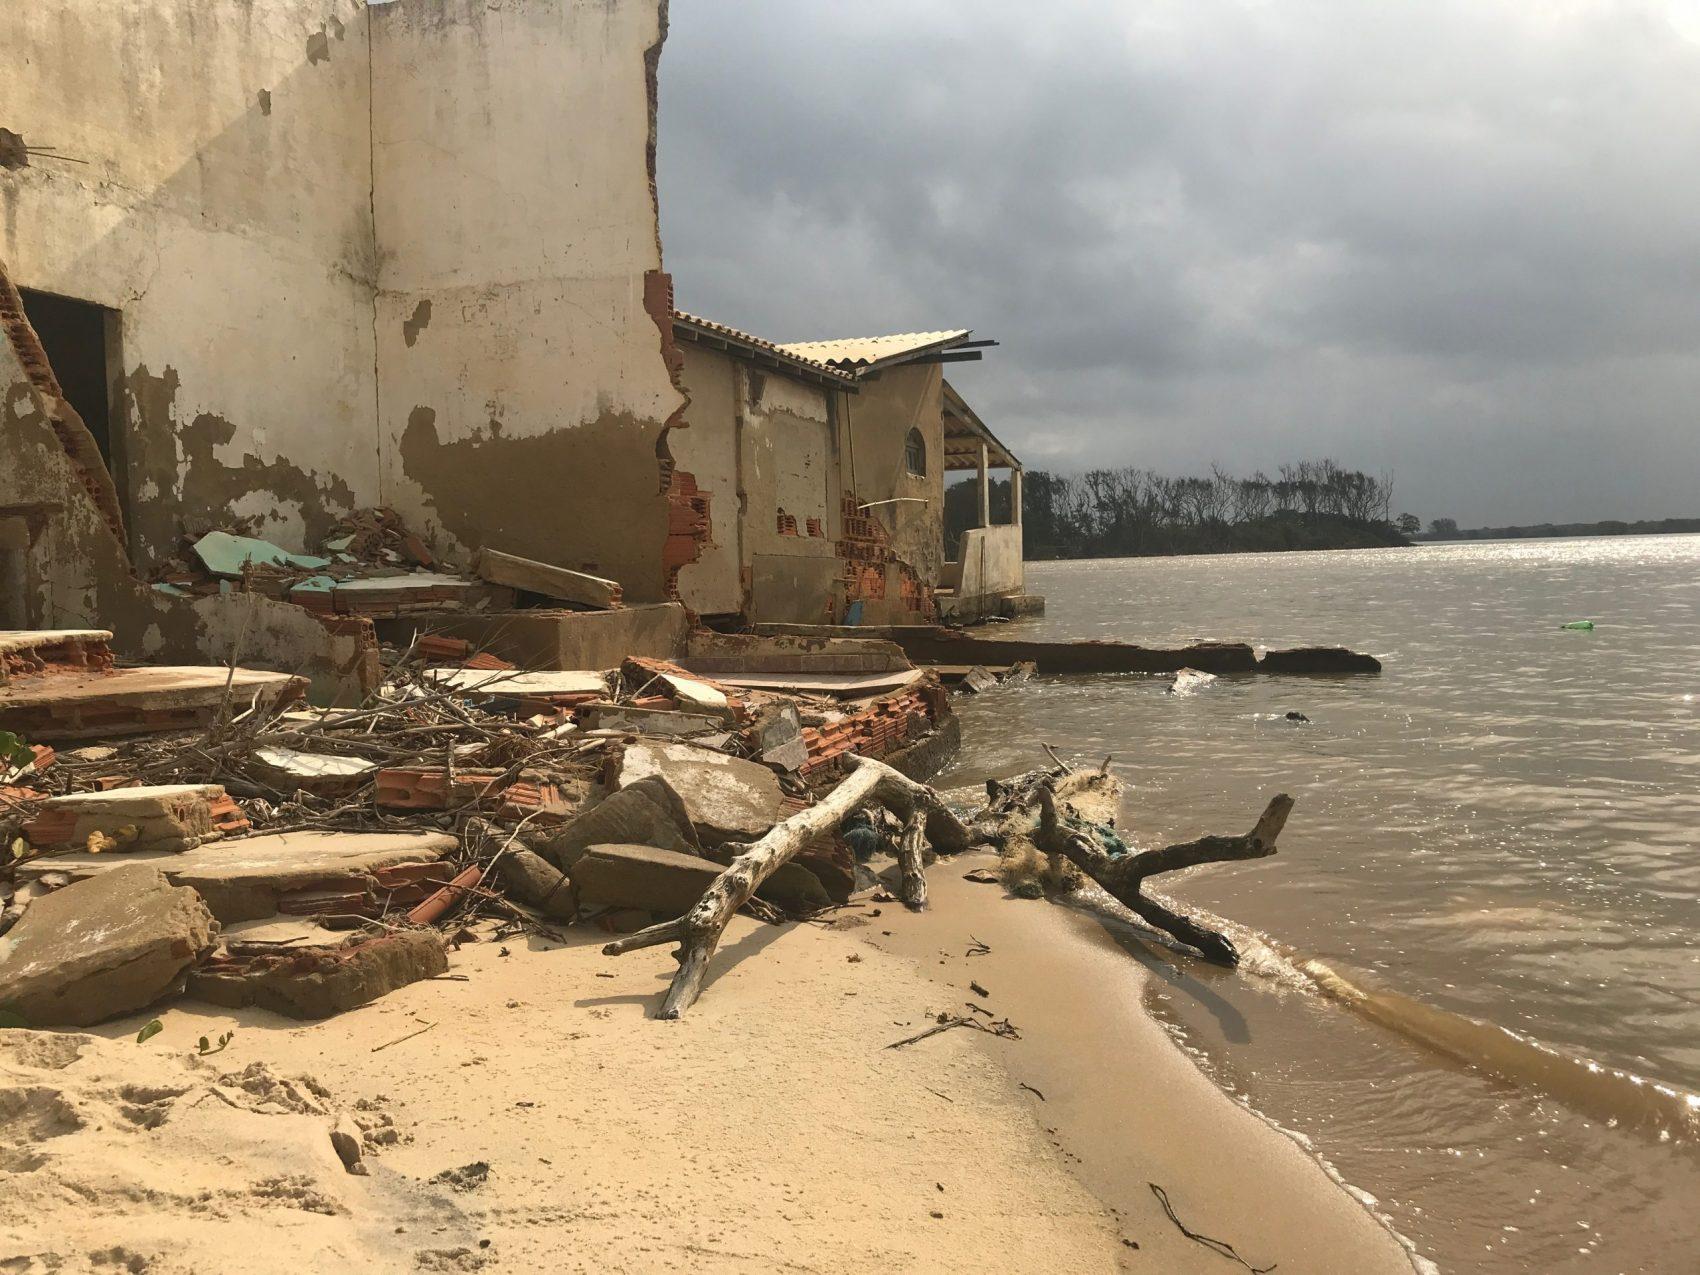 Imóvel destruído pelo mar em Atafona: mais de 300 casas engolidas em 15 quarteirões criaram centenas de refugiados ambientais em balneário no litoral norte do Estado do Rio (Foto: Carolina Gomes)